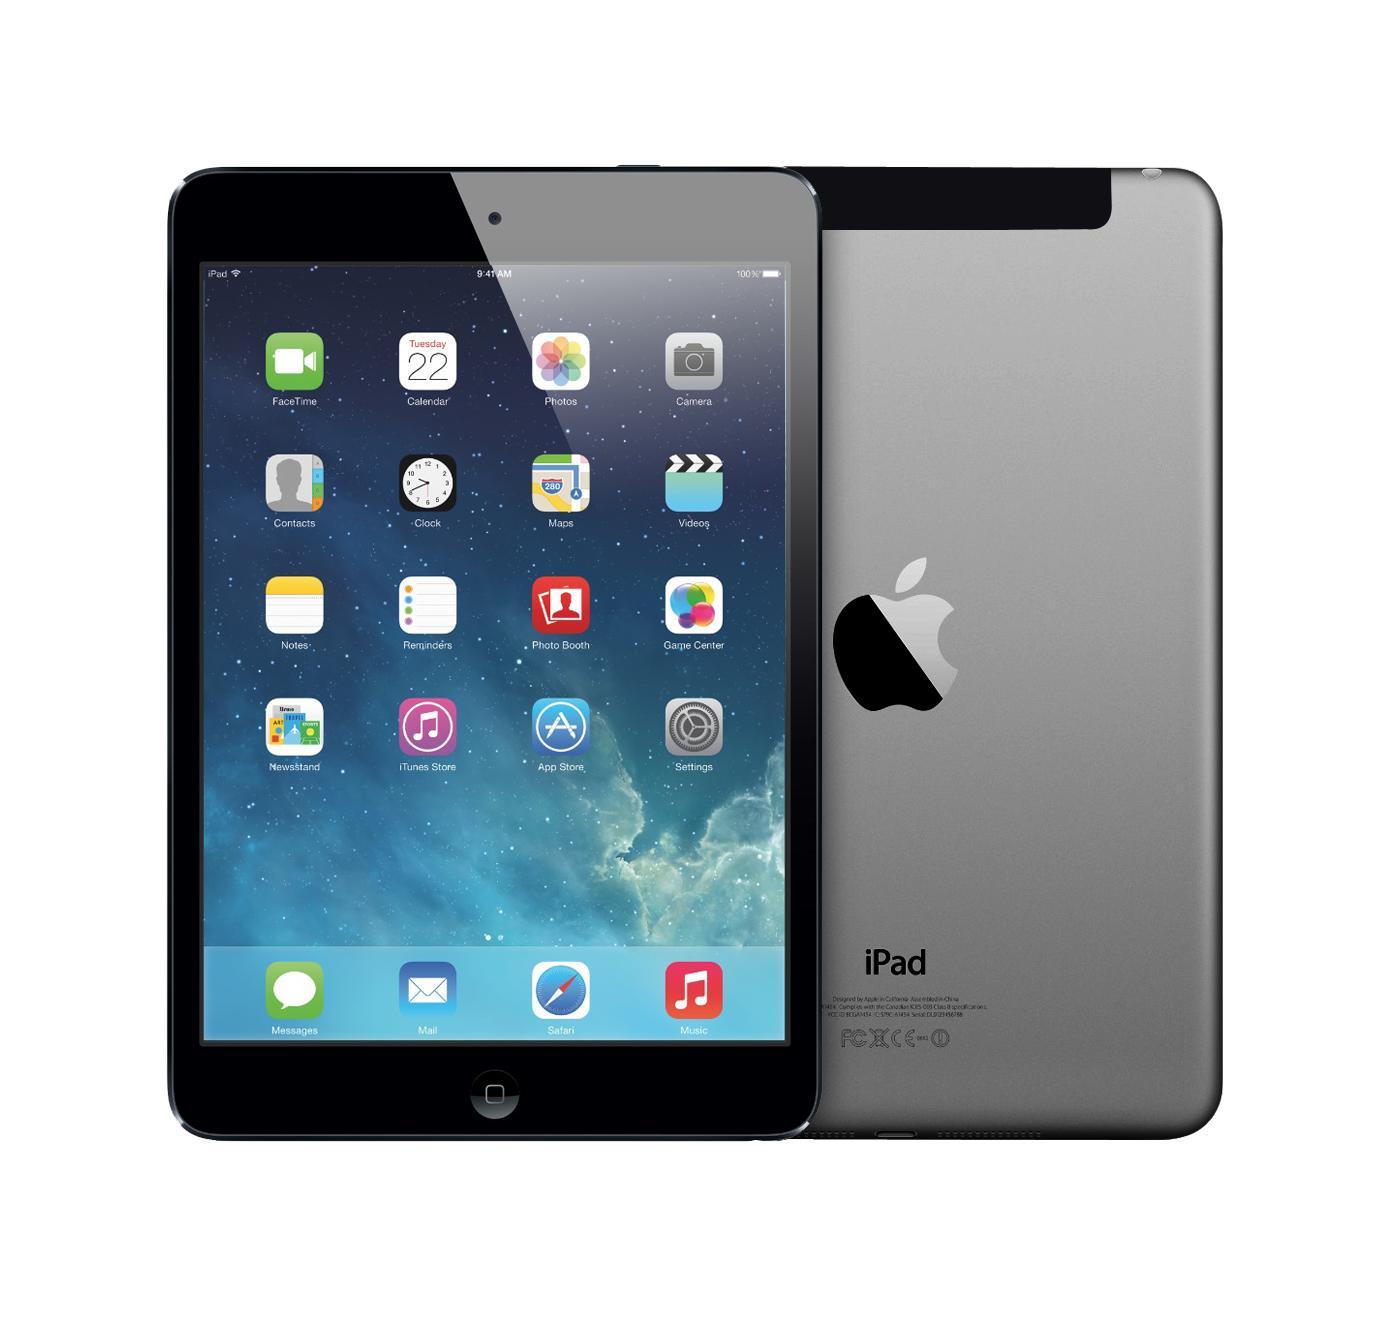 Apple iPad mini with Retina display 32 GbВторой iPad mini рождён потрясающе «вкусным» с какой стороны не взгляни! Горячий восторг миллионов сторонников уменьшенной версии i-планшета несложно понять. Ещё бы! Отныне mini ни капли не хуже своего «старшего брата», всё так же являясь гораздо более ко...<br><br>Цвет: Белый,Белый